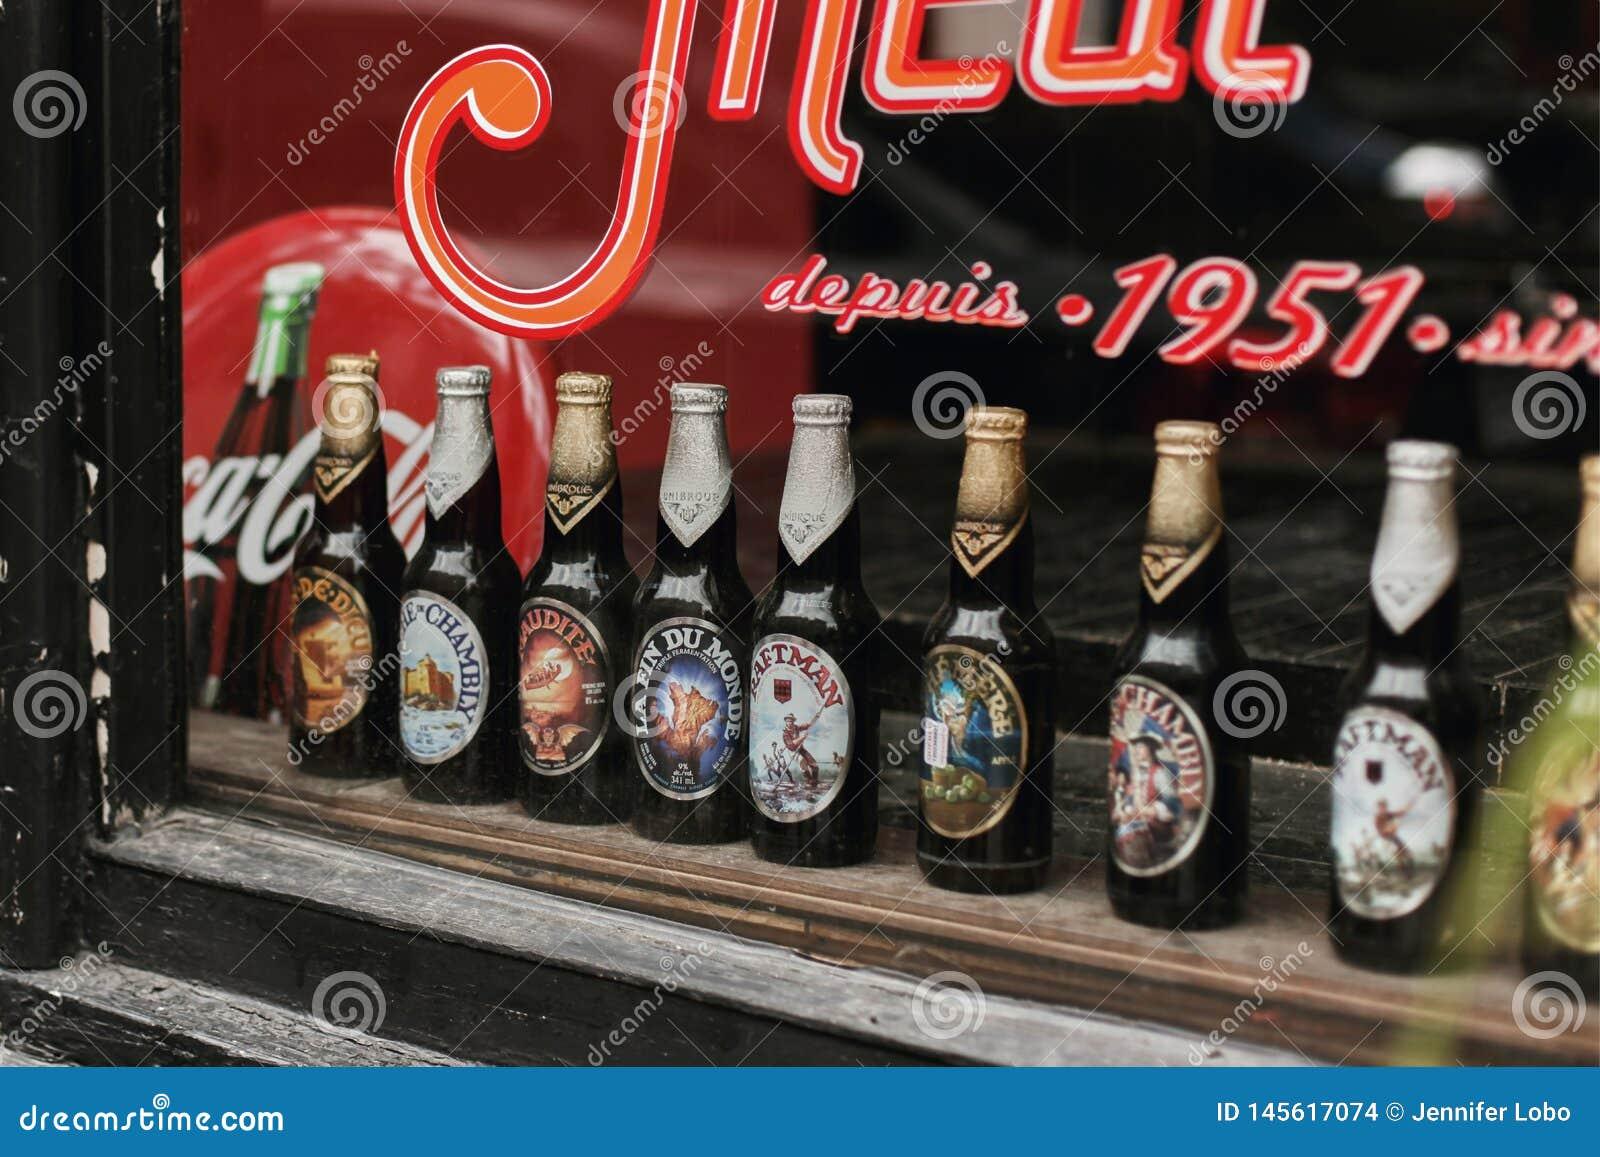 Fileira de garrafas de cerveja em uma janela em Montreal, Canadá